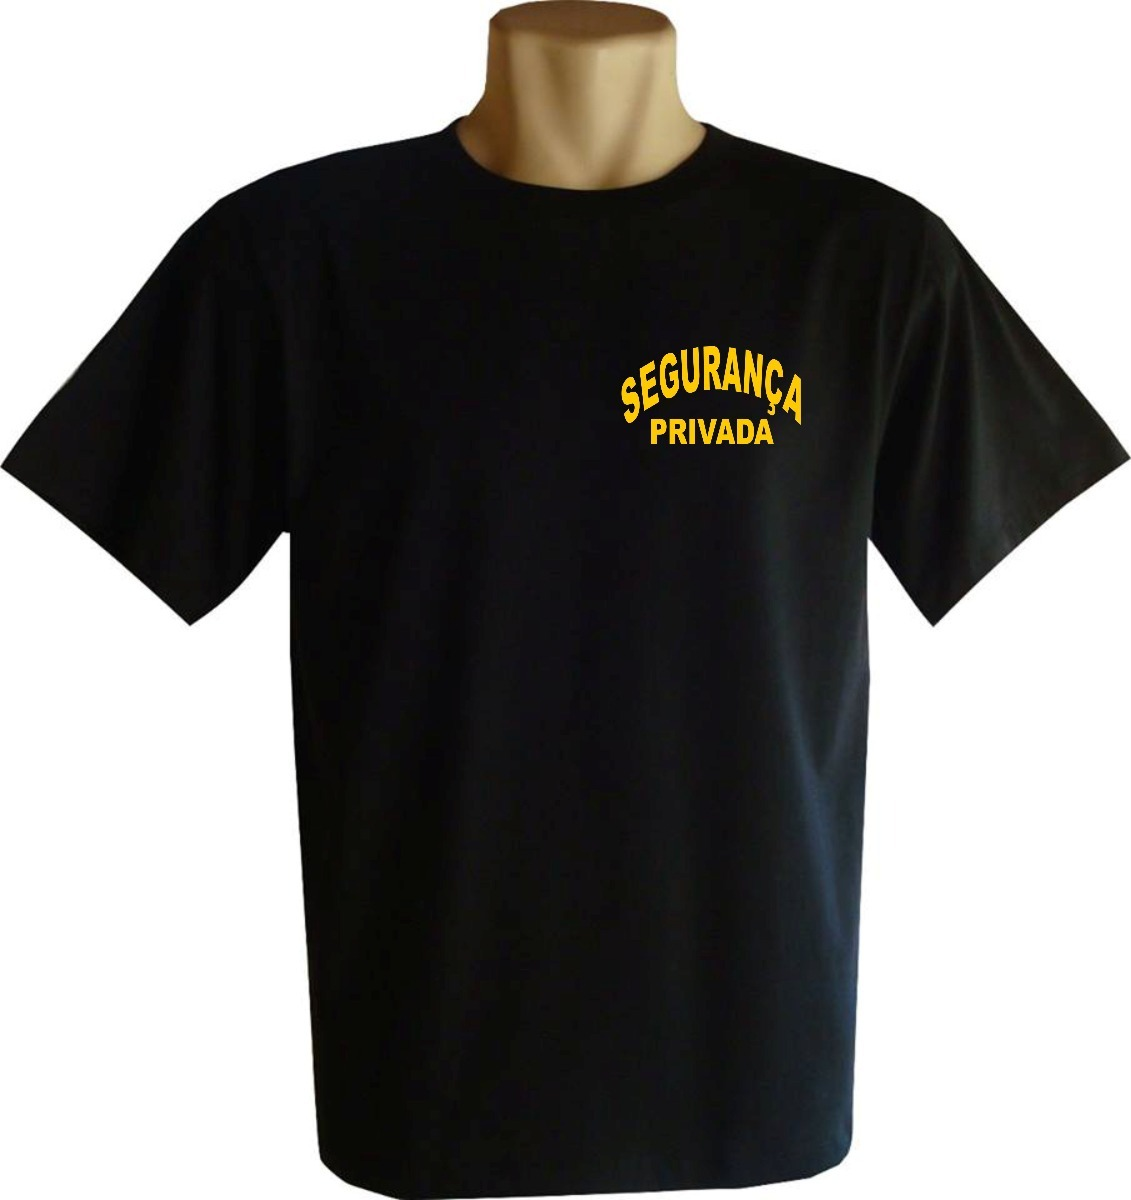 camisa segurança privada camiseta 100% algodão fio 30.1. Carregando zoom. 1dd42d6417a6f